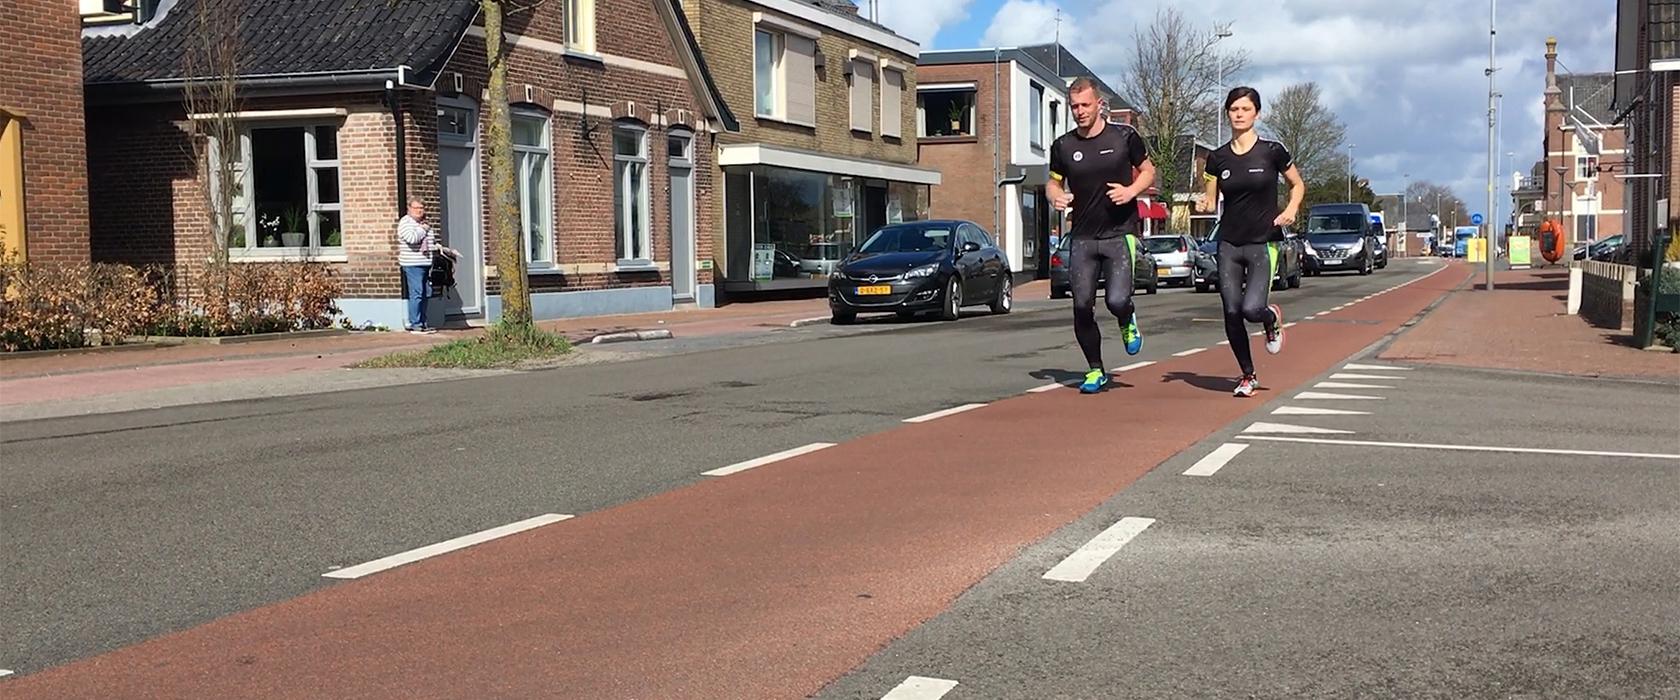 vanwervenkleding.nl uitgebreid met unieke runningkleding